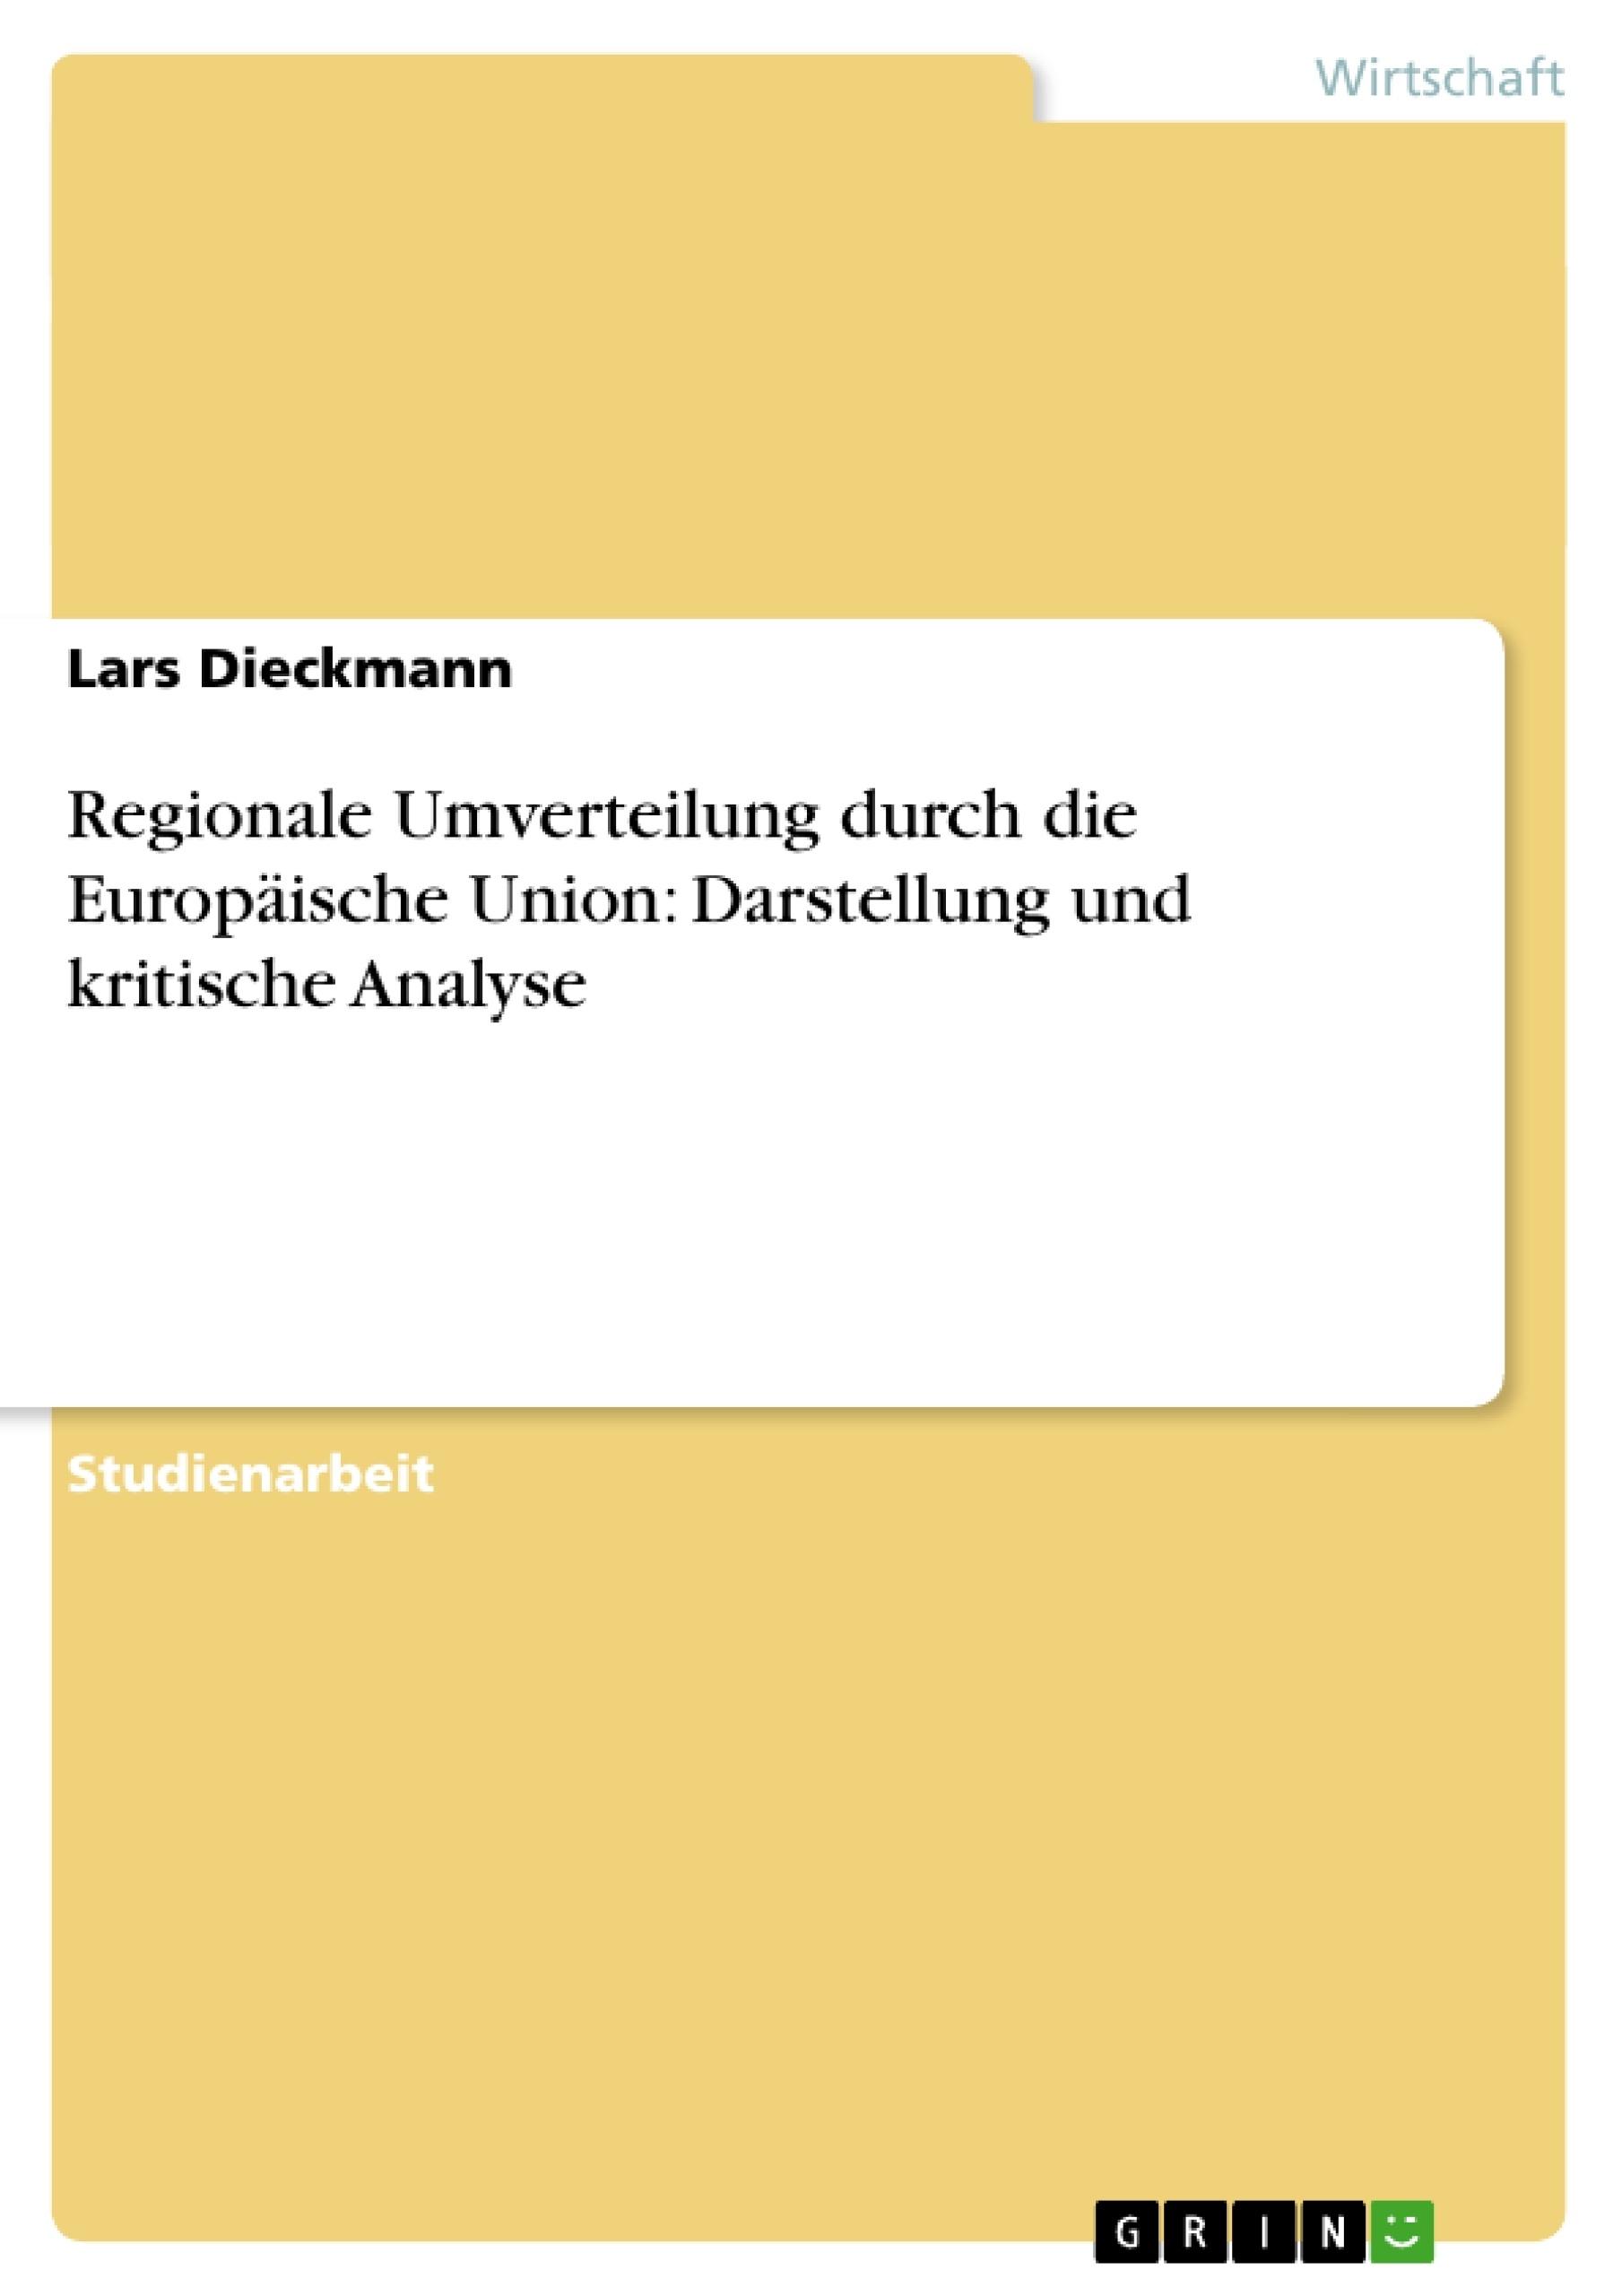 Titel: Regionale Umverteilung durch die Europäische Union: Darstellung und kritische Analyse